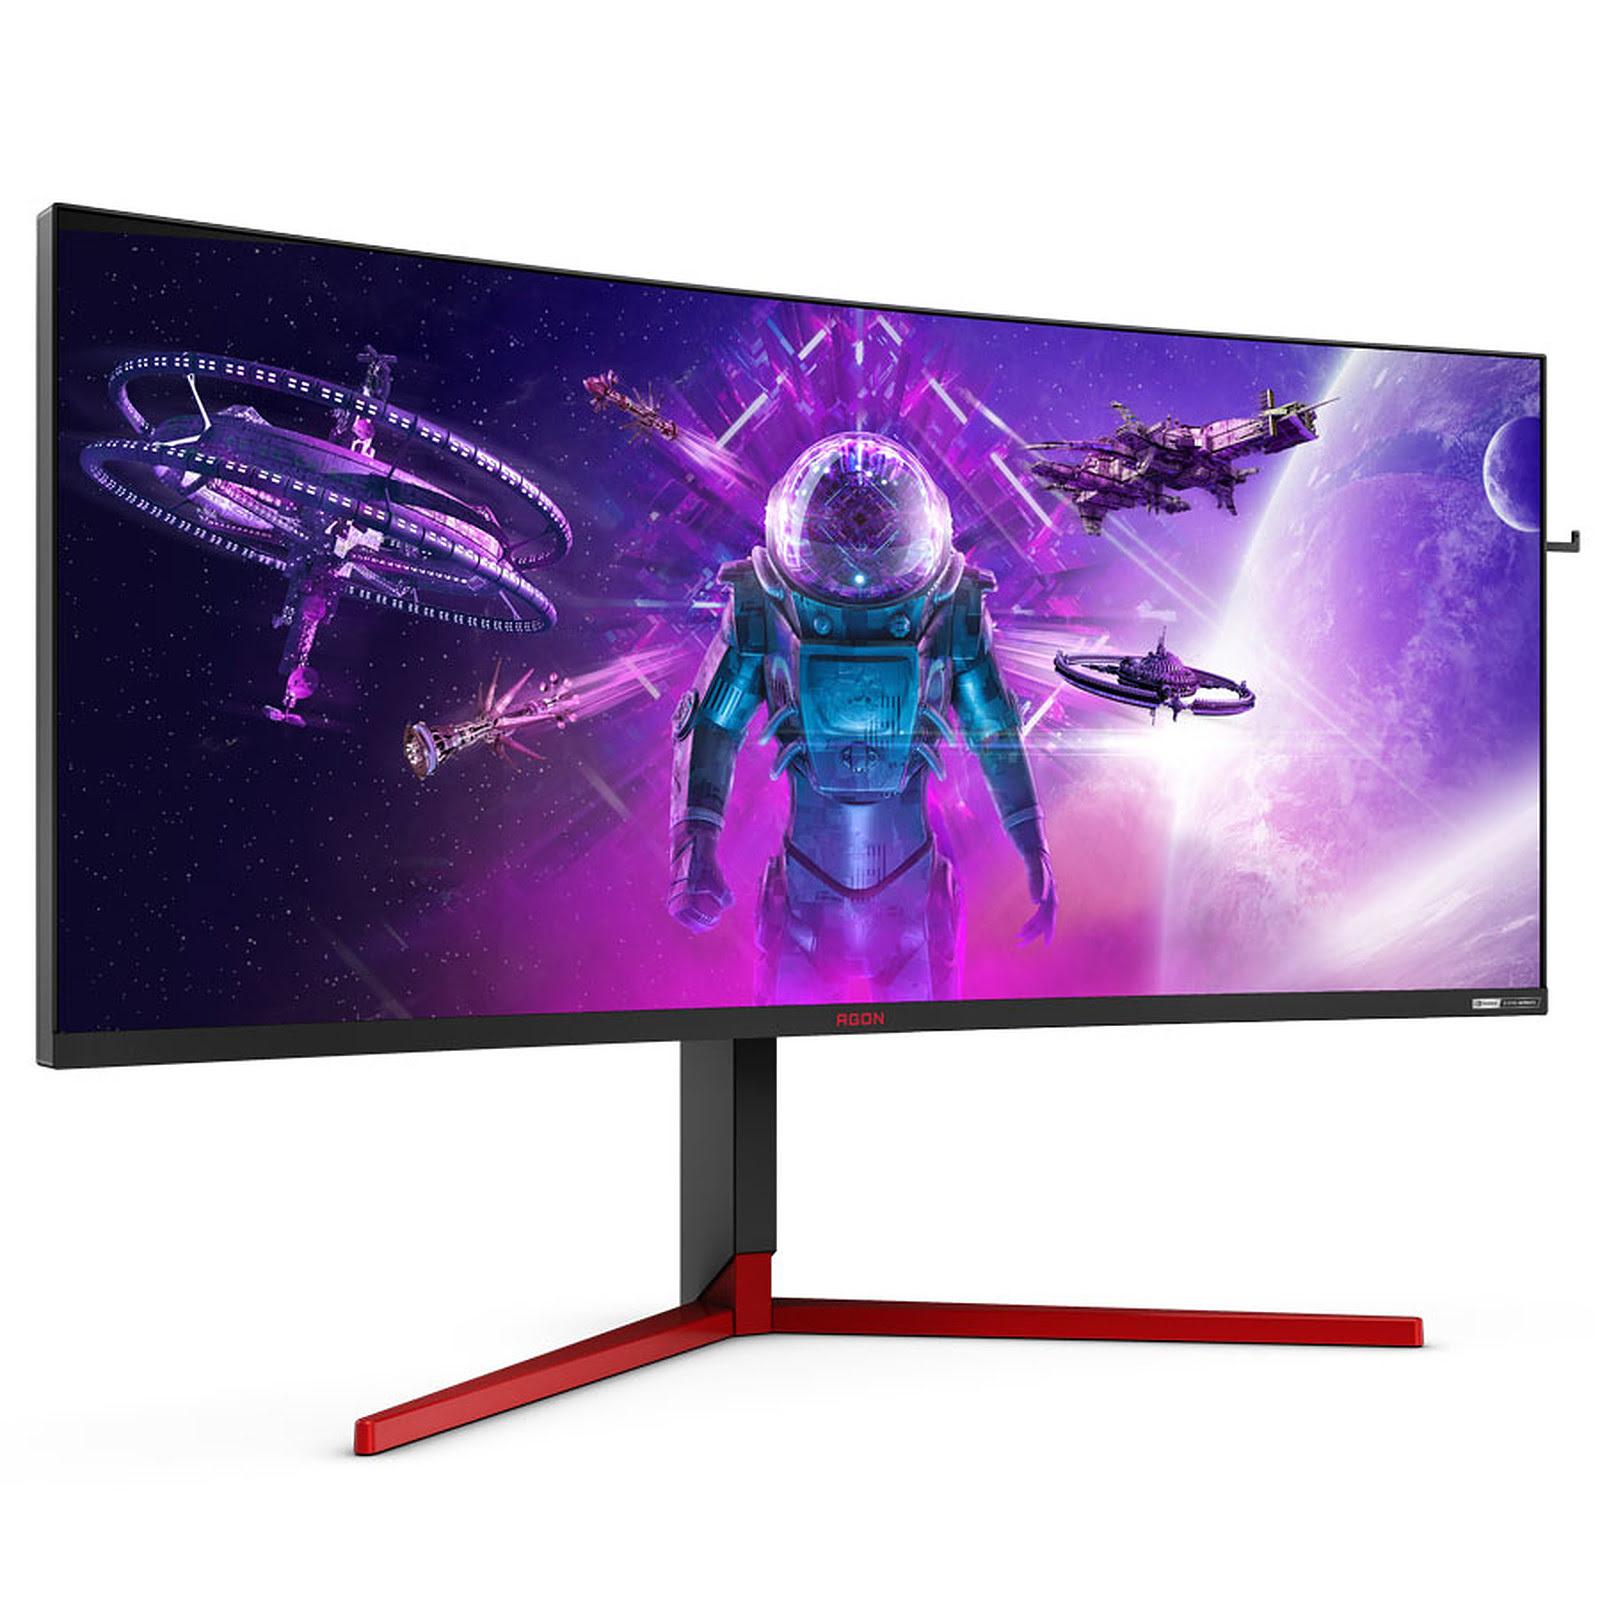 """AG353UCG - 35"""" incurvé VA/2ms/WQHD/200Hz/G-Sync/DP/HDMI (AG353UCG) - Achat / Vente Ecran PC sur Picata.fr - 4"""